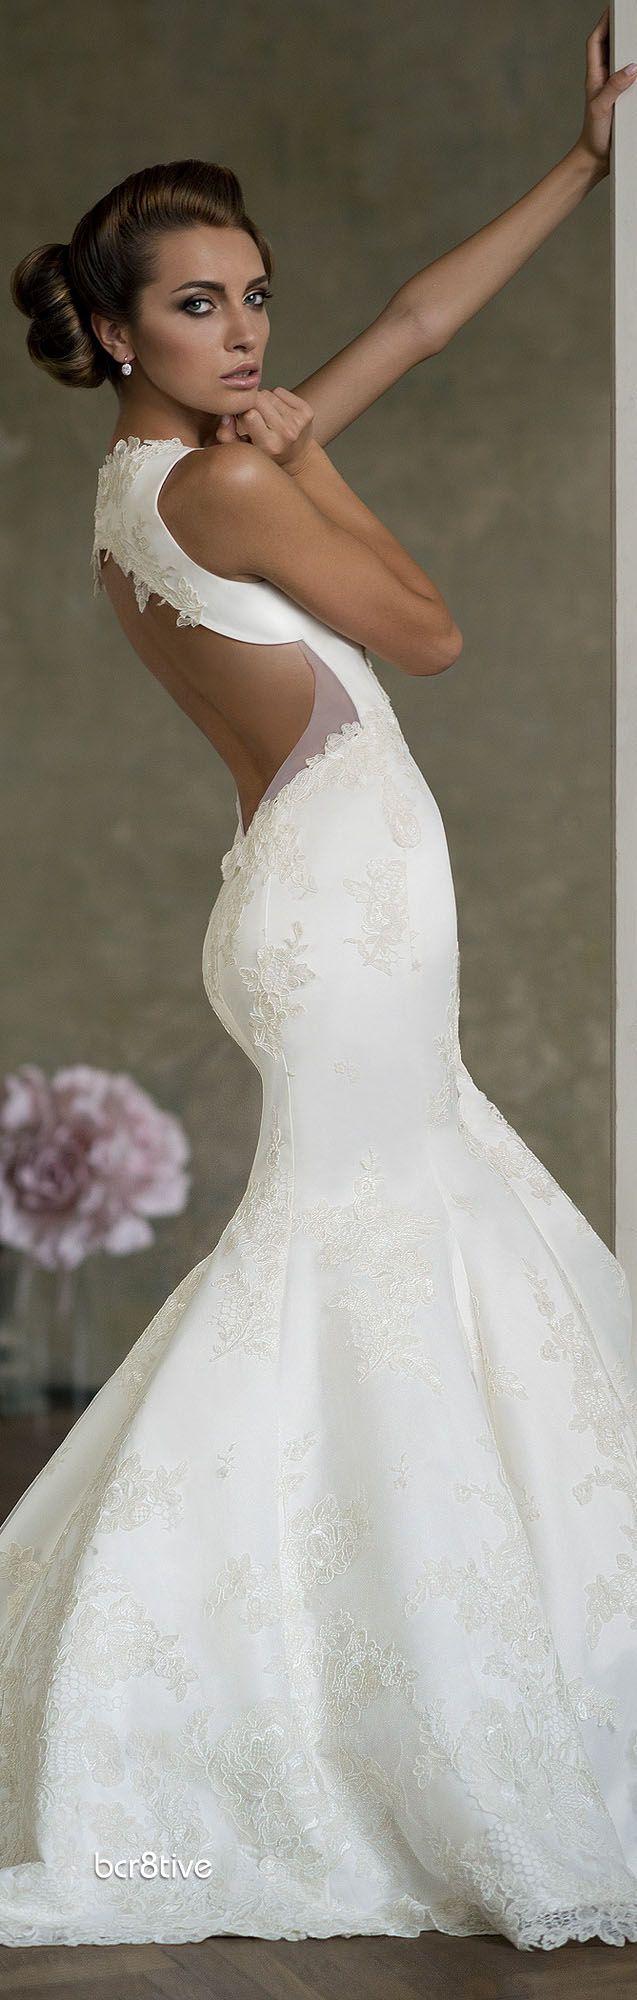 Lace wedding dress open back mermaid  Open back mermaid wedding dress  uc  Pinterest  Backless lace